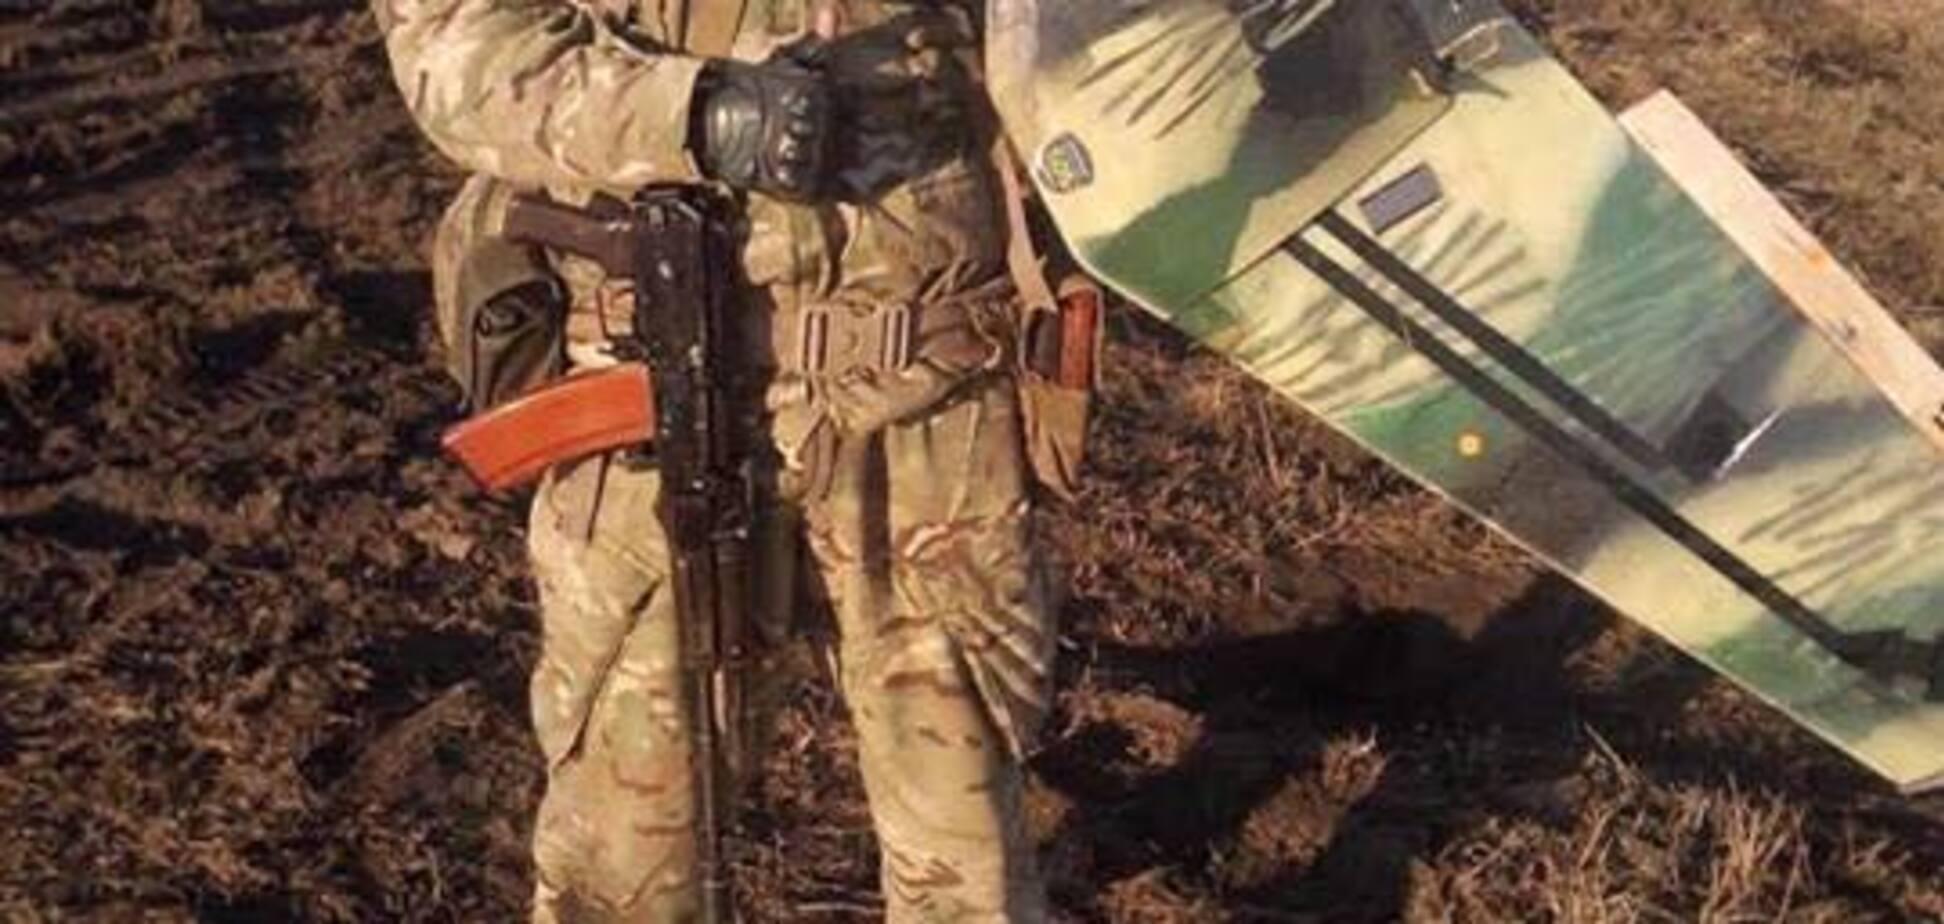 'Віддав за нас життя': у мережі показали іноземця, який загинув за Україну на Донбасі